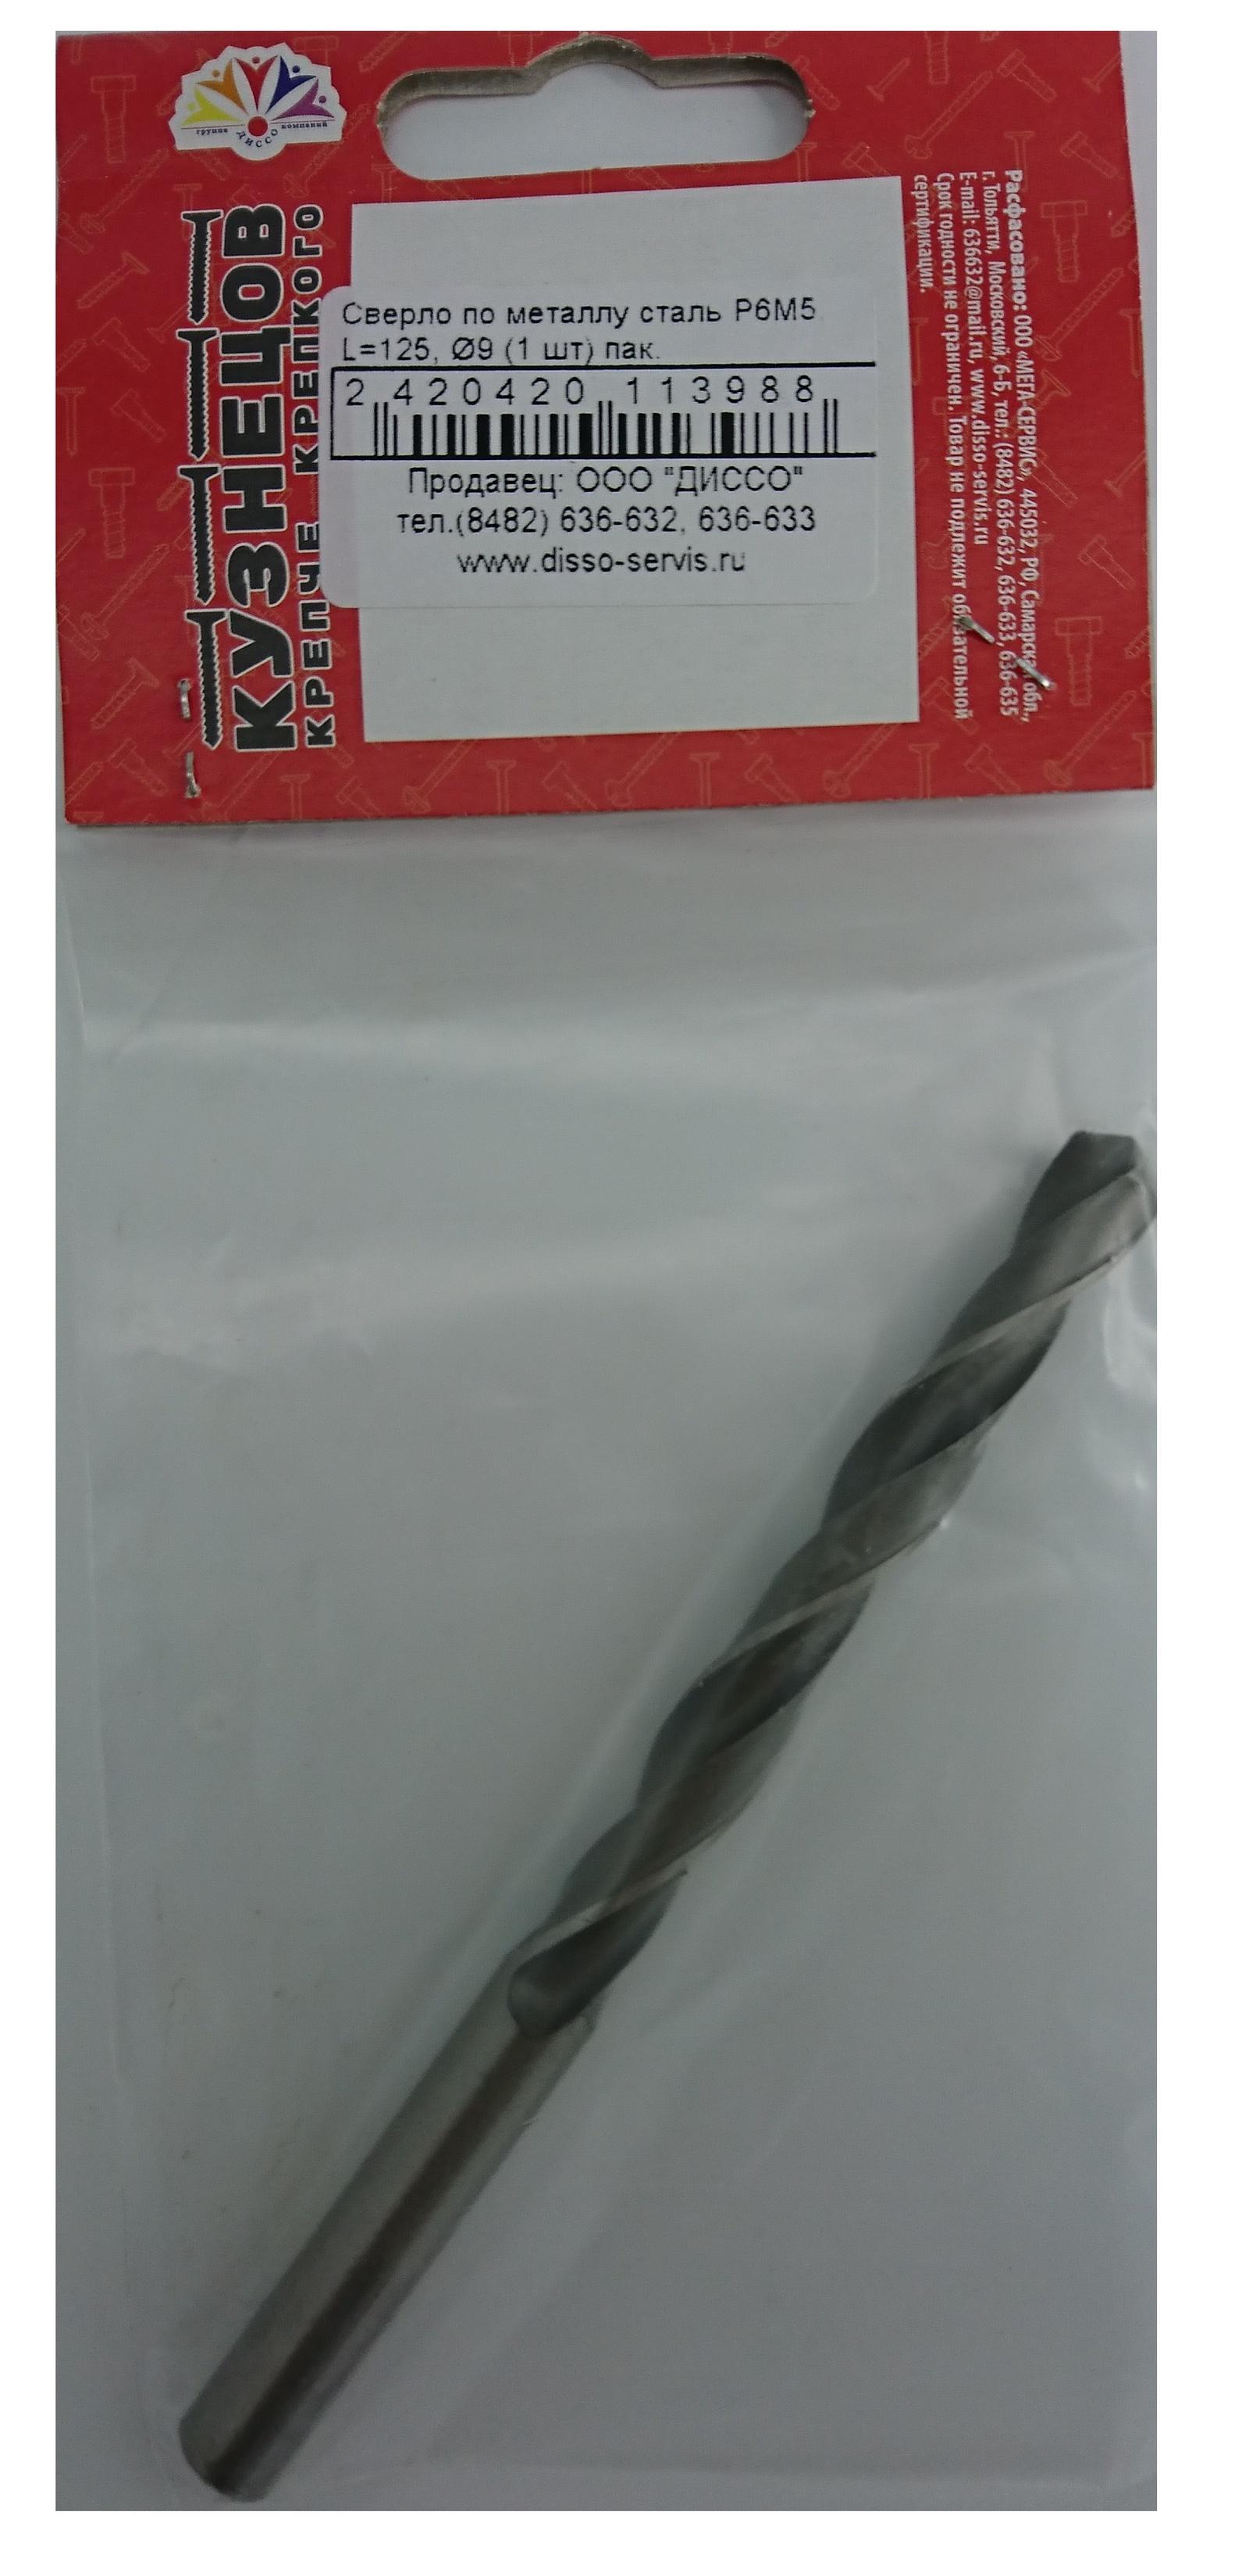 Сверло по металлу сталь Р6М5 L=125 Диаметр 9 мм (1 шт) пак. 1toyпингвинёнок пороро наб инструм 9 шт пак с хедером